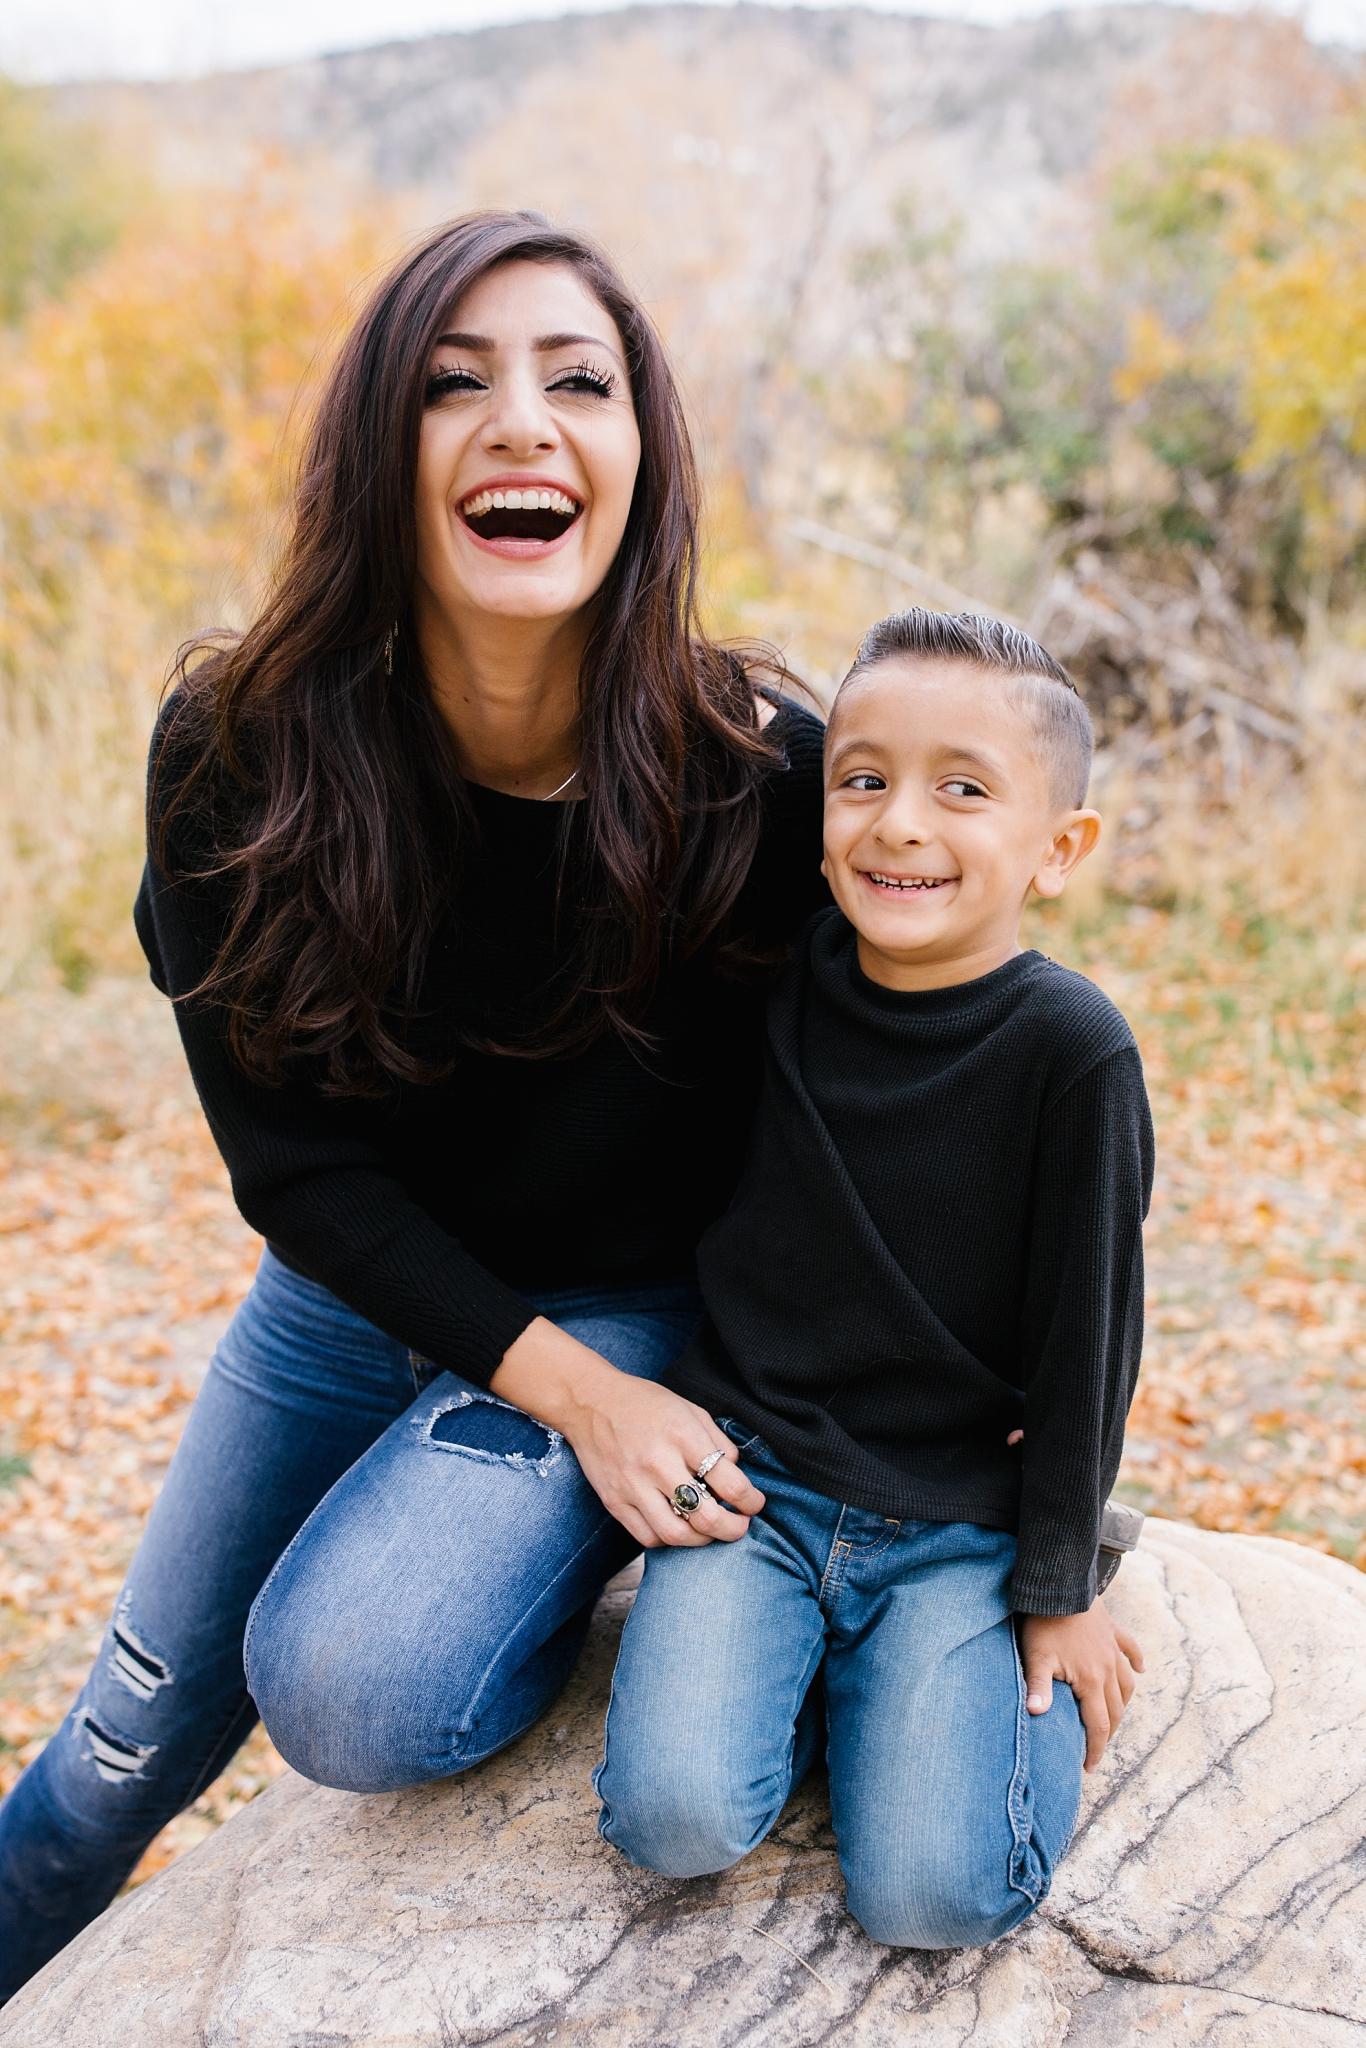 Tischner-42_Lizzie-B-Imagery-Utah-Family-Photographer-Park-City-Salt-Lake-City-Nephi-Utah.jpg